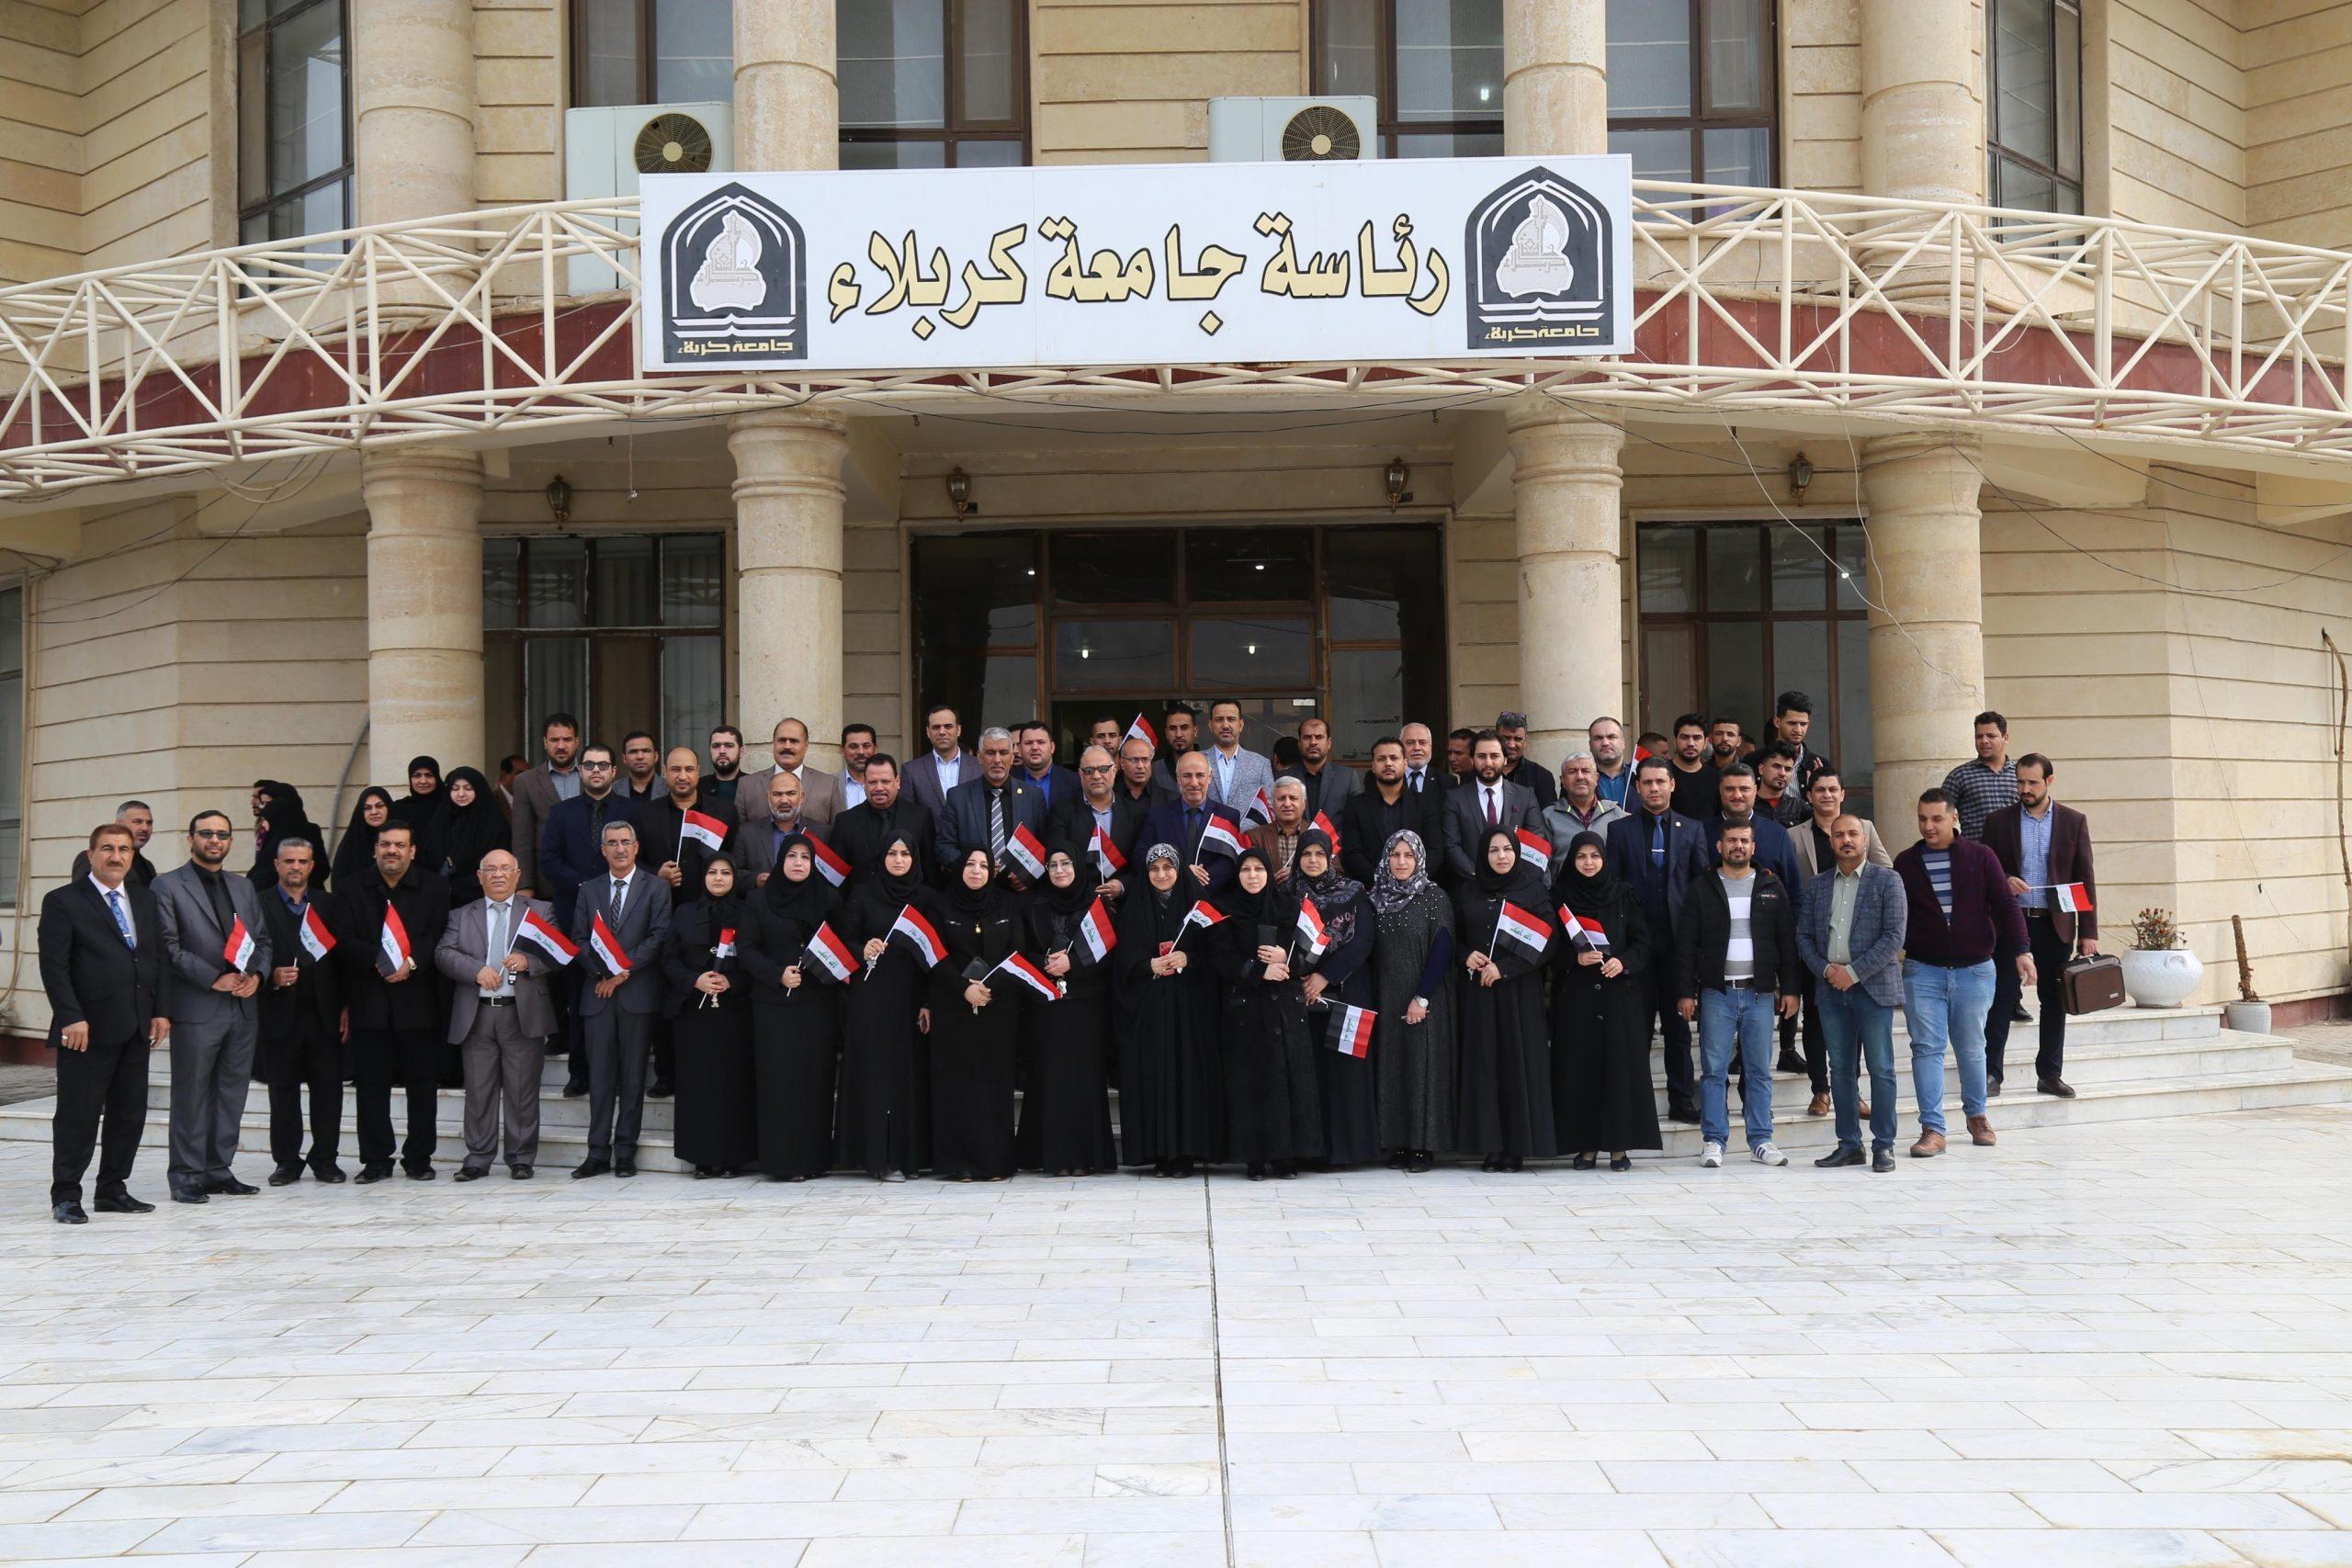 وقفة حداد في كلية الادارة والاقتصاد على أرواح شهداء ثورة تشرين